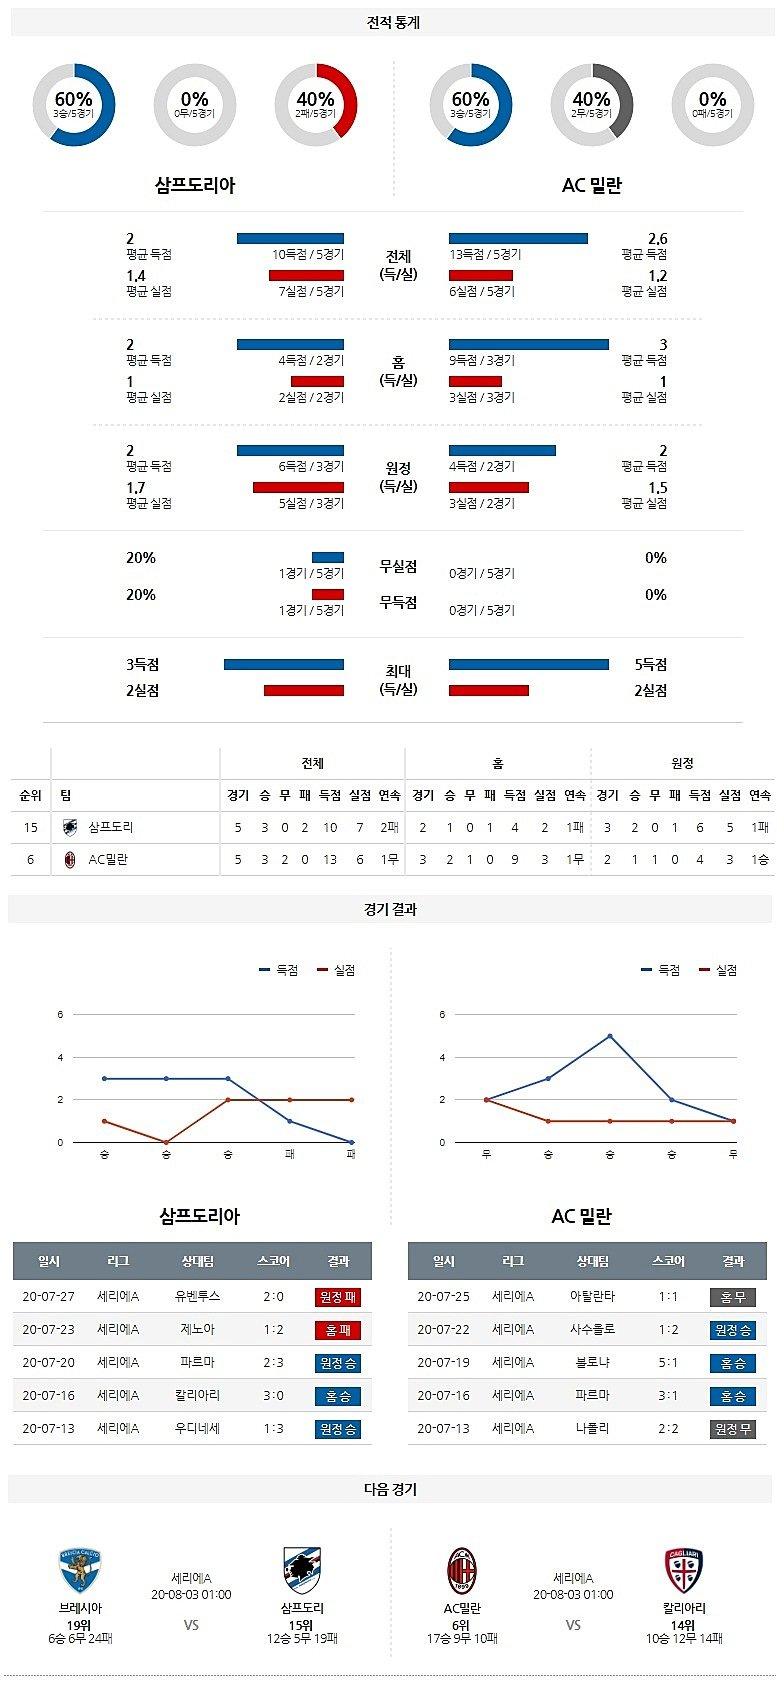 7월 30일 삼프도리아 AC밀란 경기 성적